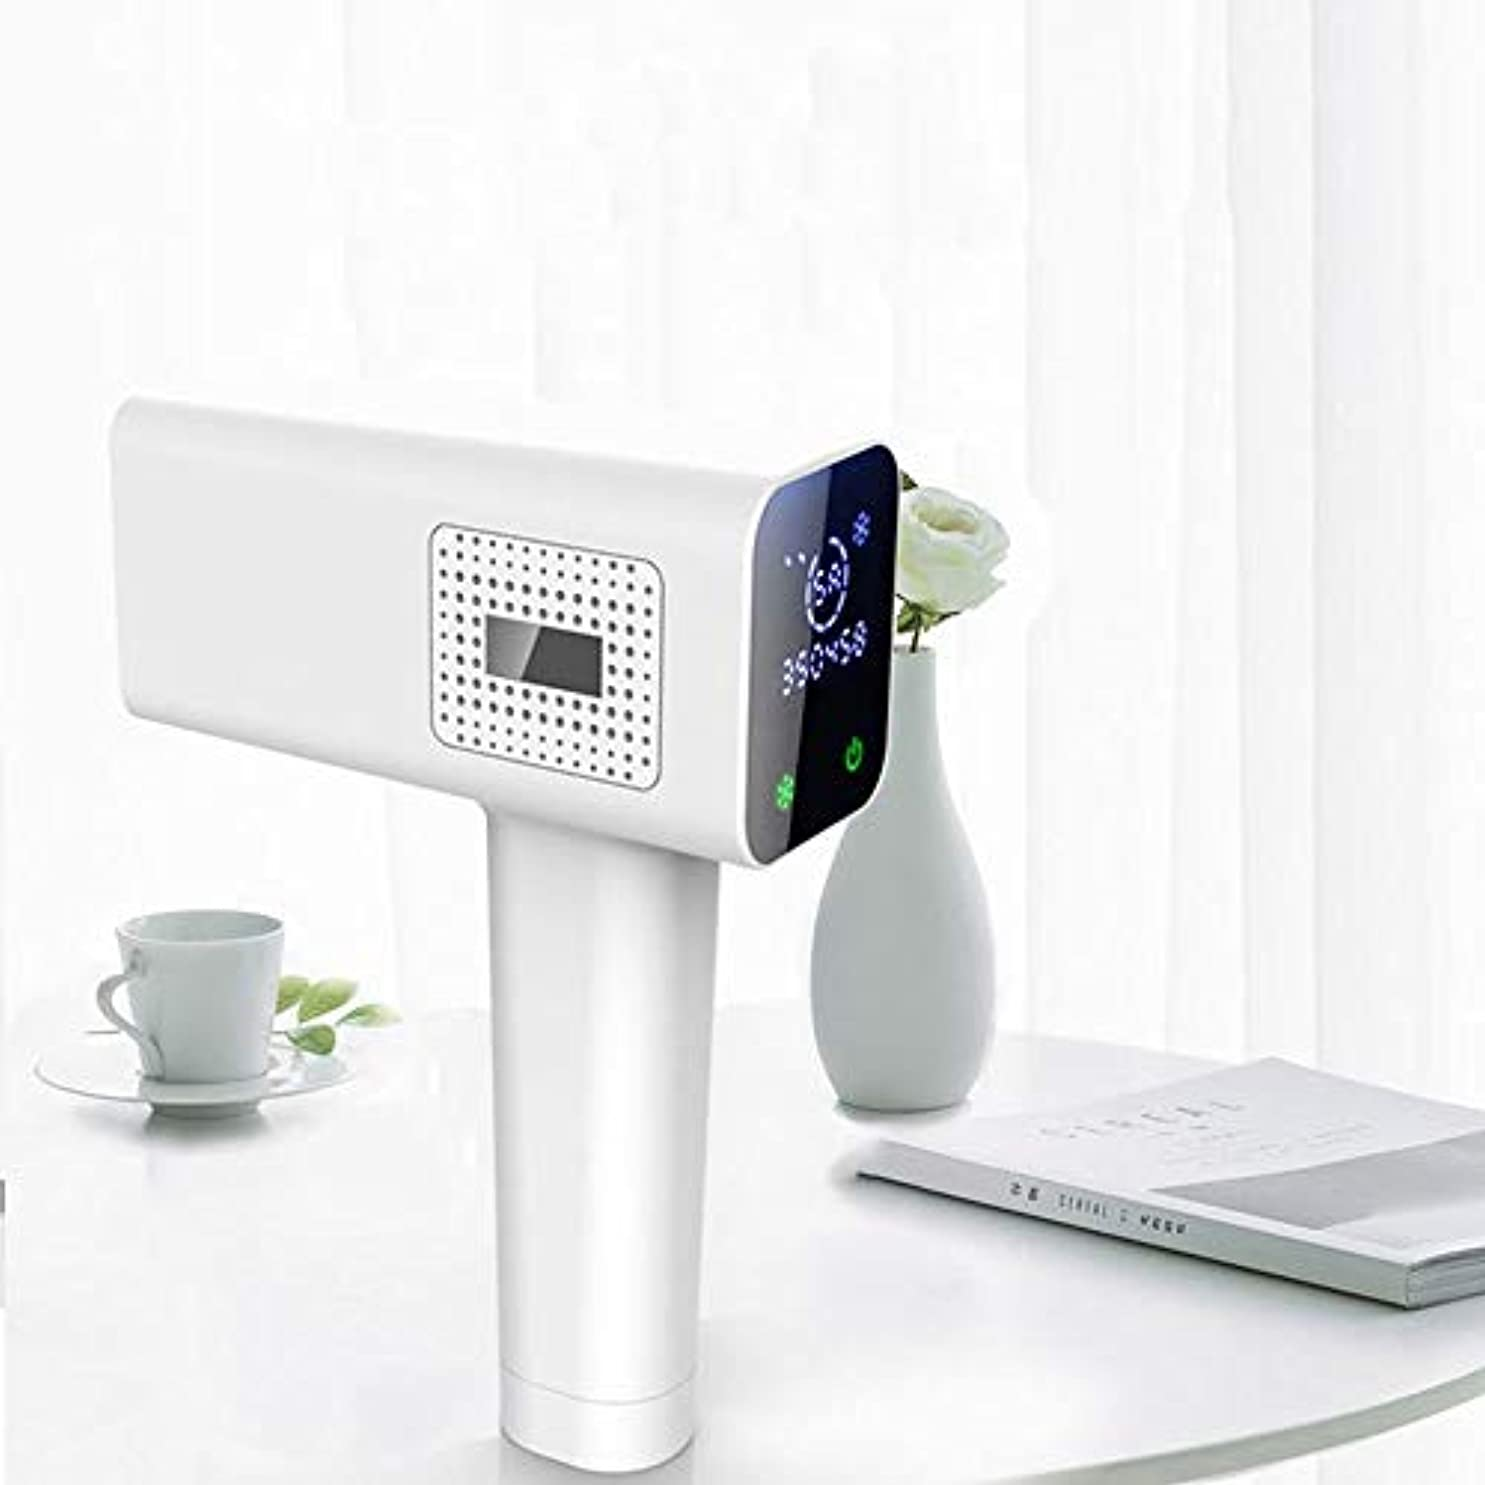 装置十分な基礎理論ポータブルフルボディアイスポイント脱毛器、シングルフラッシュ、連続フラッシュ、デュアルモード、交換可能なランプホルダー、10スピード調整、LCDタッチスクリーン 効果が良い